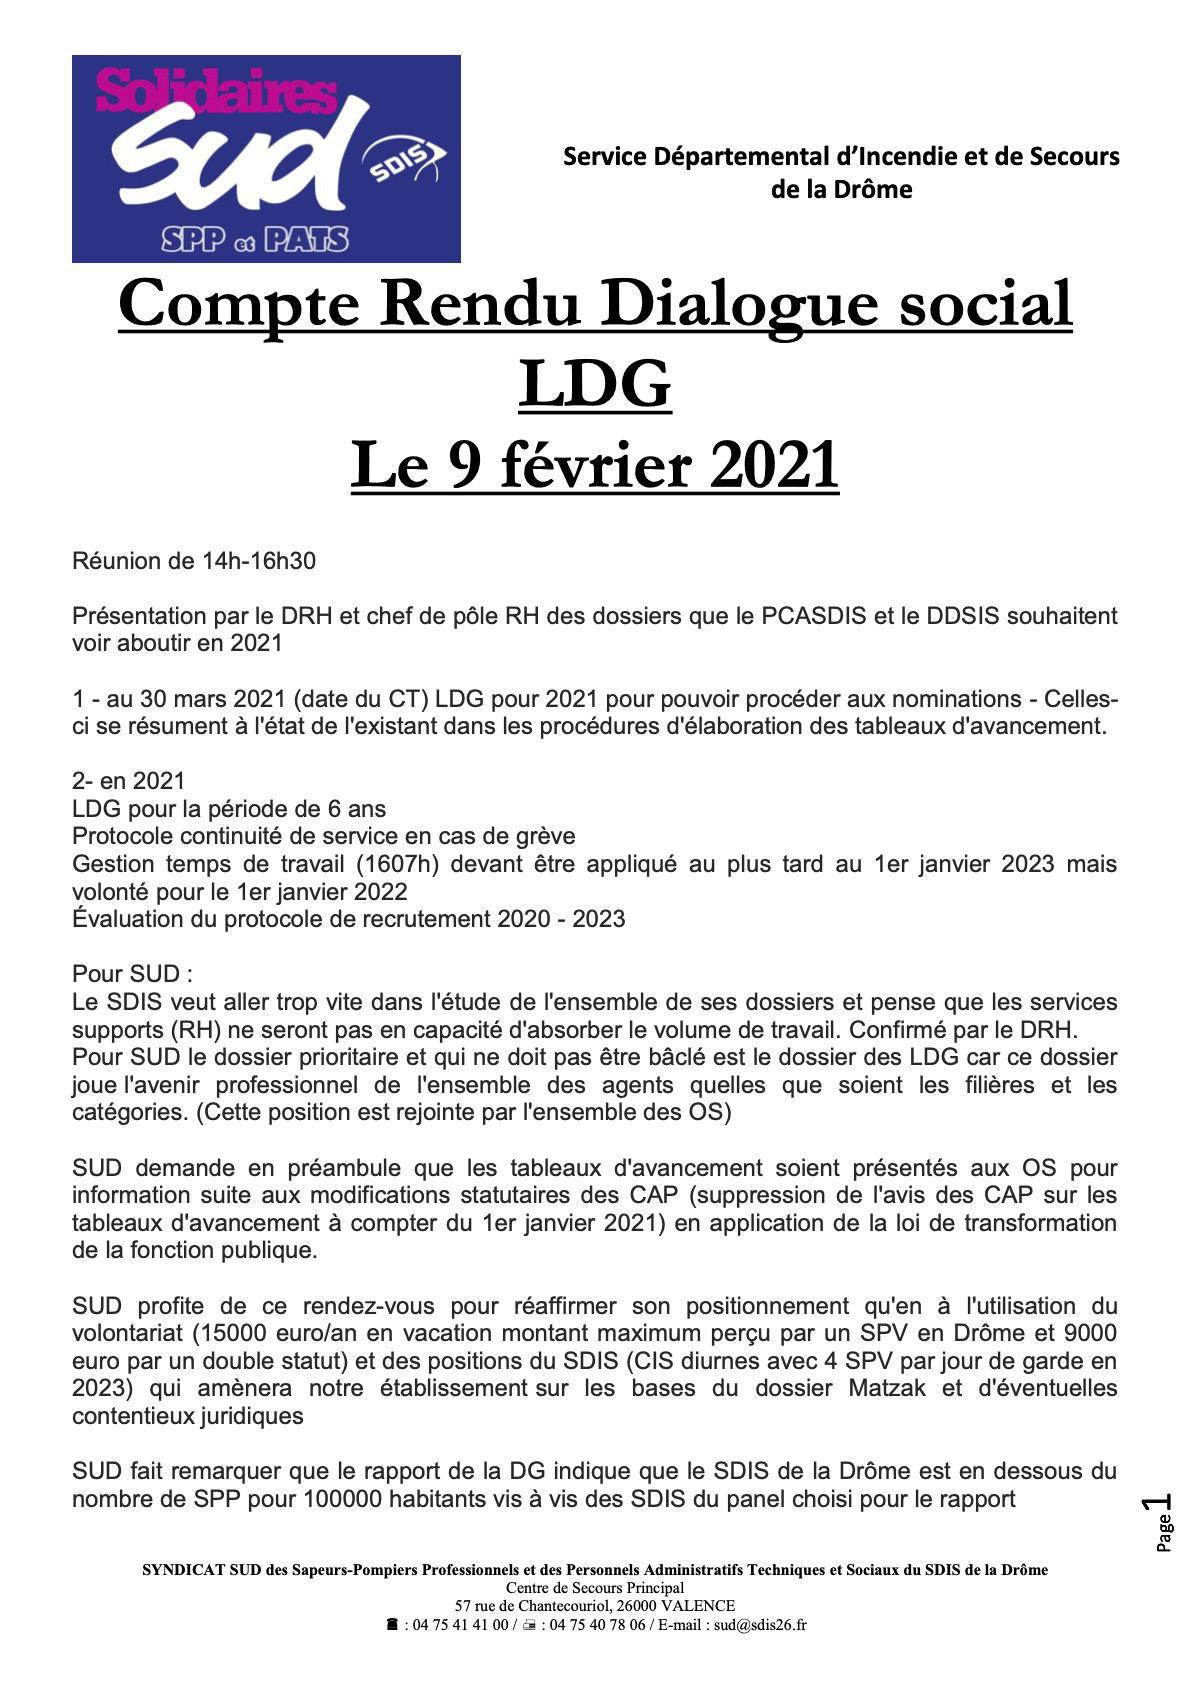 Compte rendu Réunion LDG du 9 février 2021